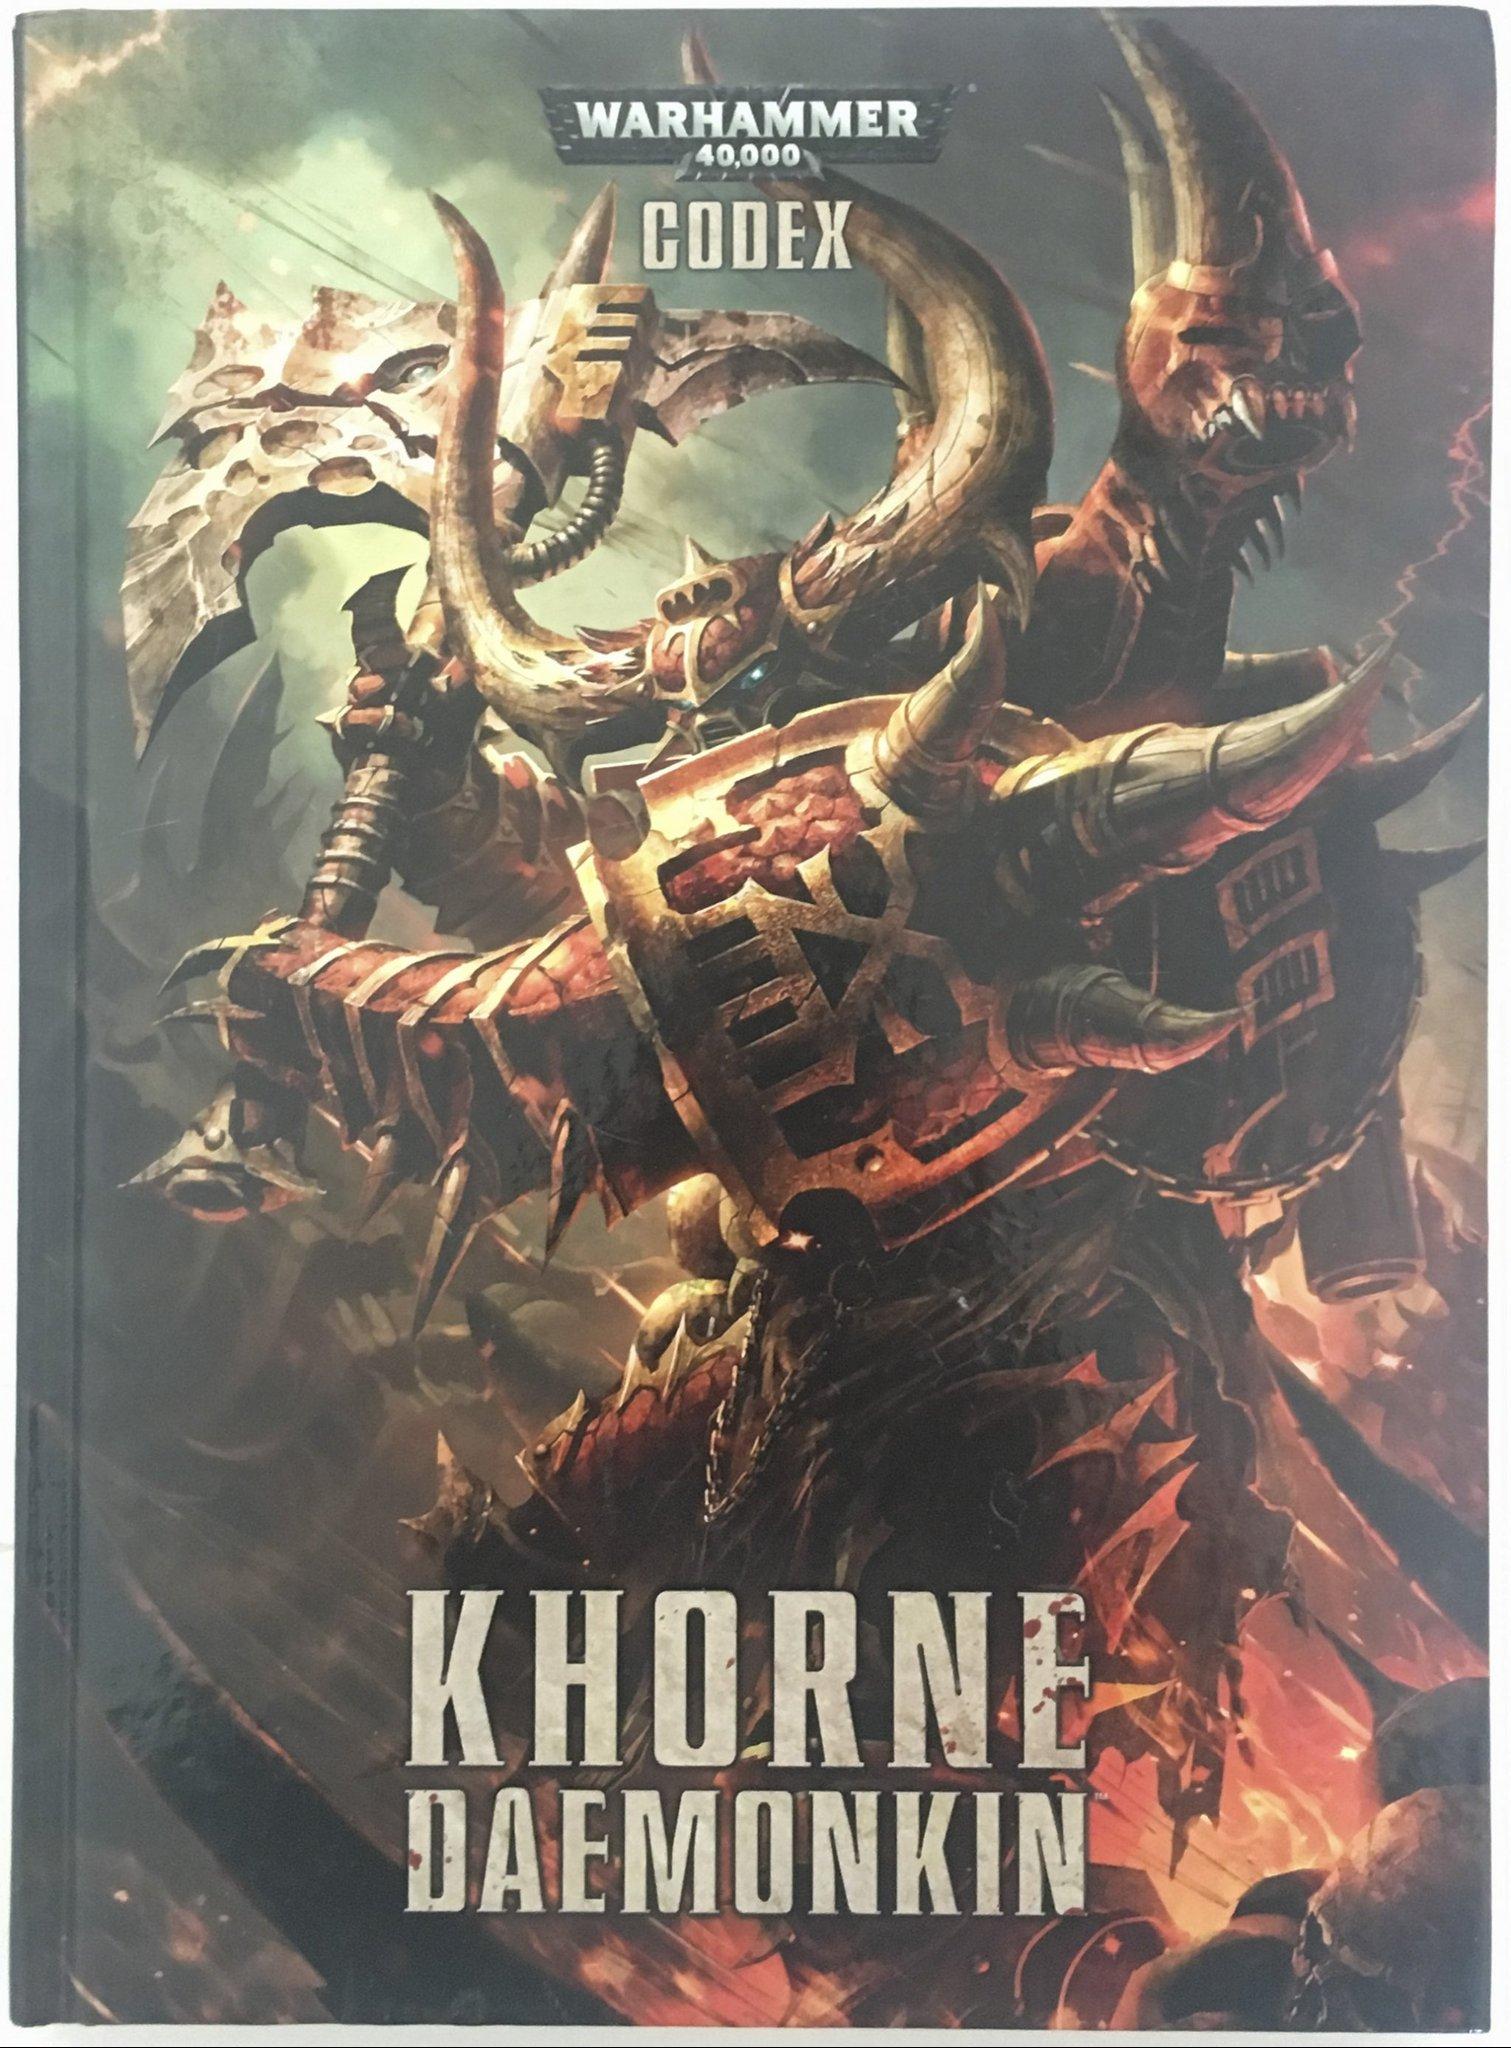 Khorne Daemonkin Warhammer 40k Codex (361067098) ᐈ Köp på Tradera